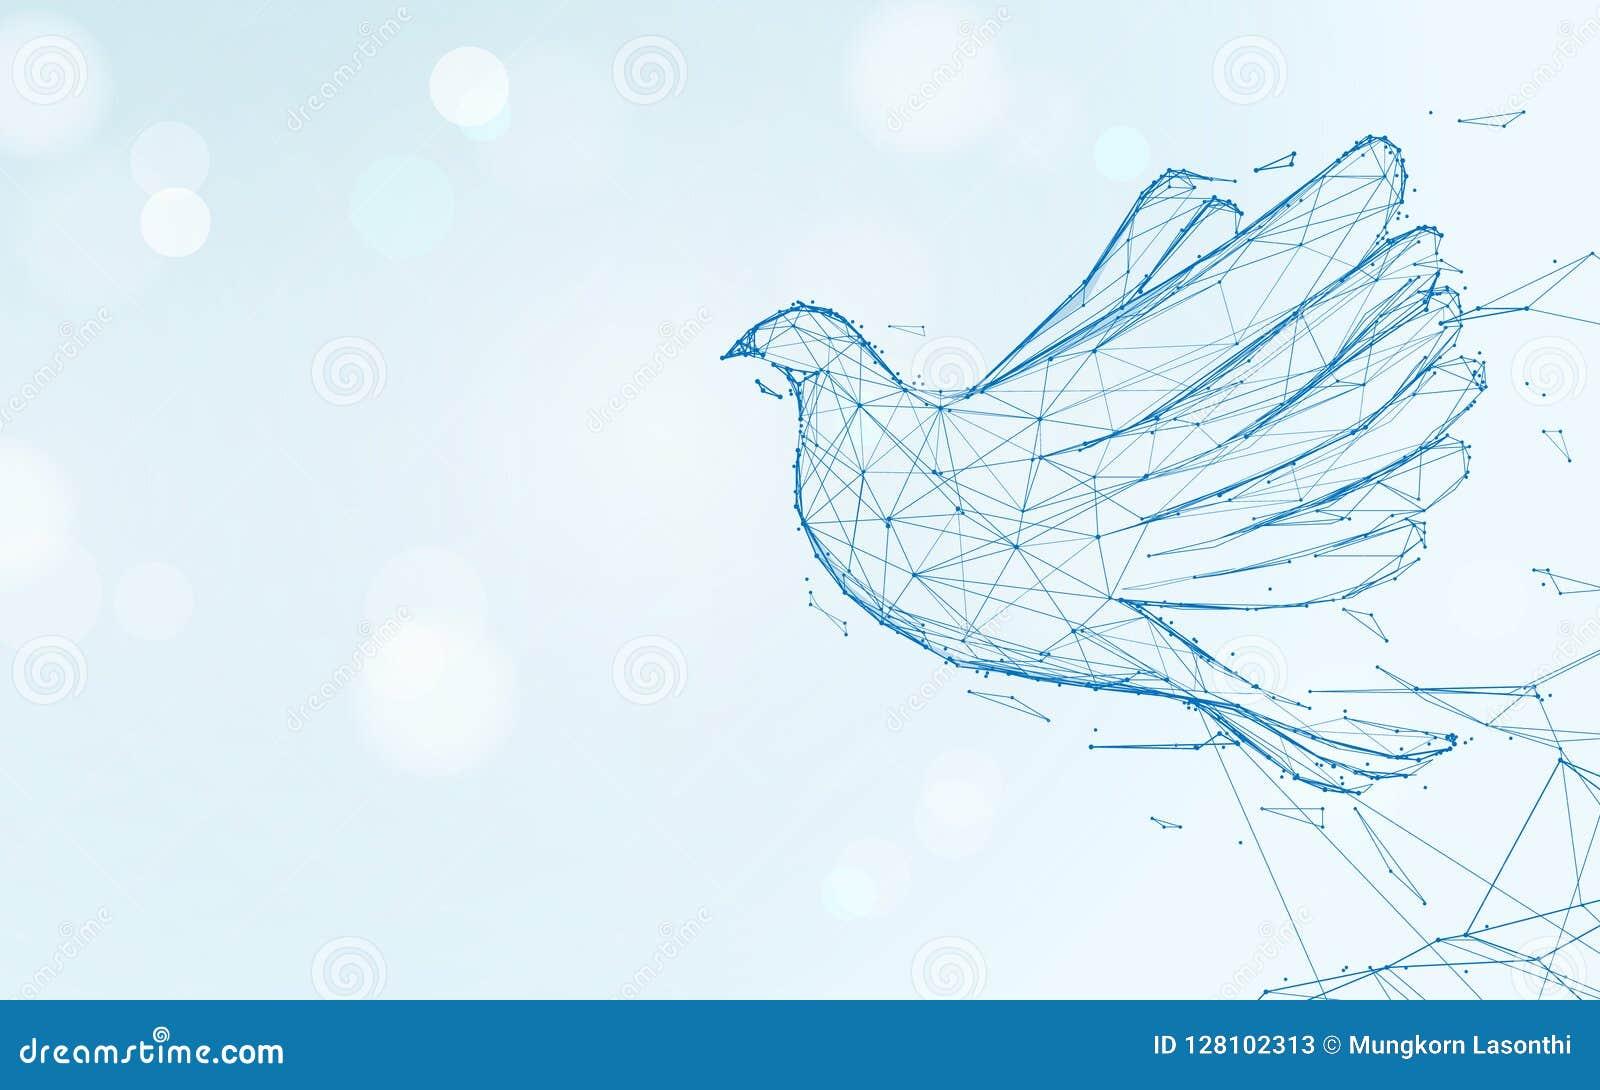 Linee della forma di volo del piccione, triangoli e progettazione di stile della particella